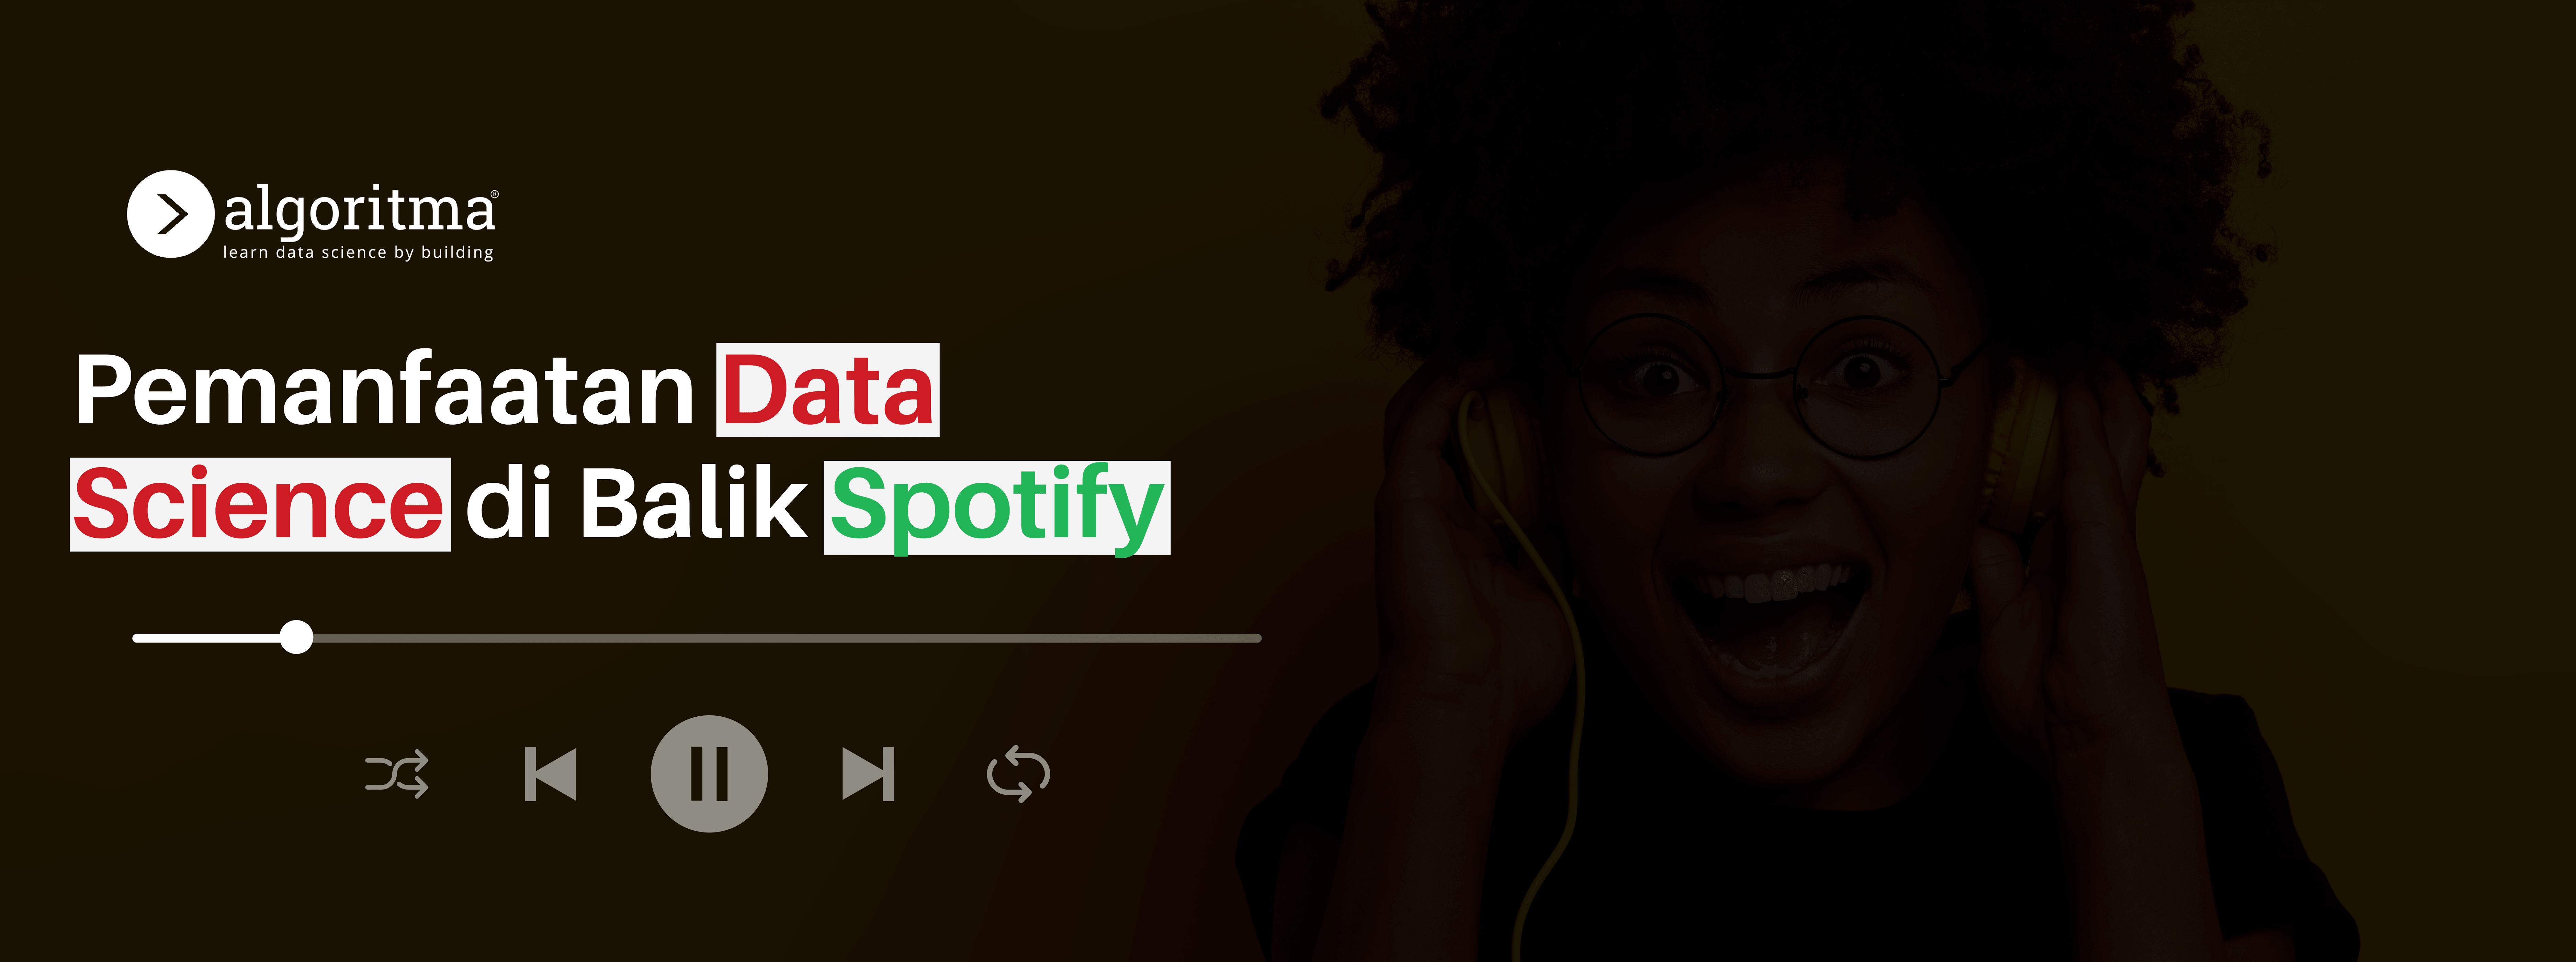 Pemanfaatan Data Science di Balik Spotify